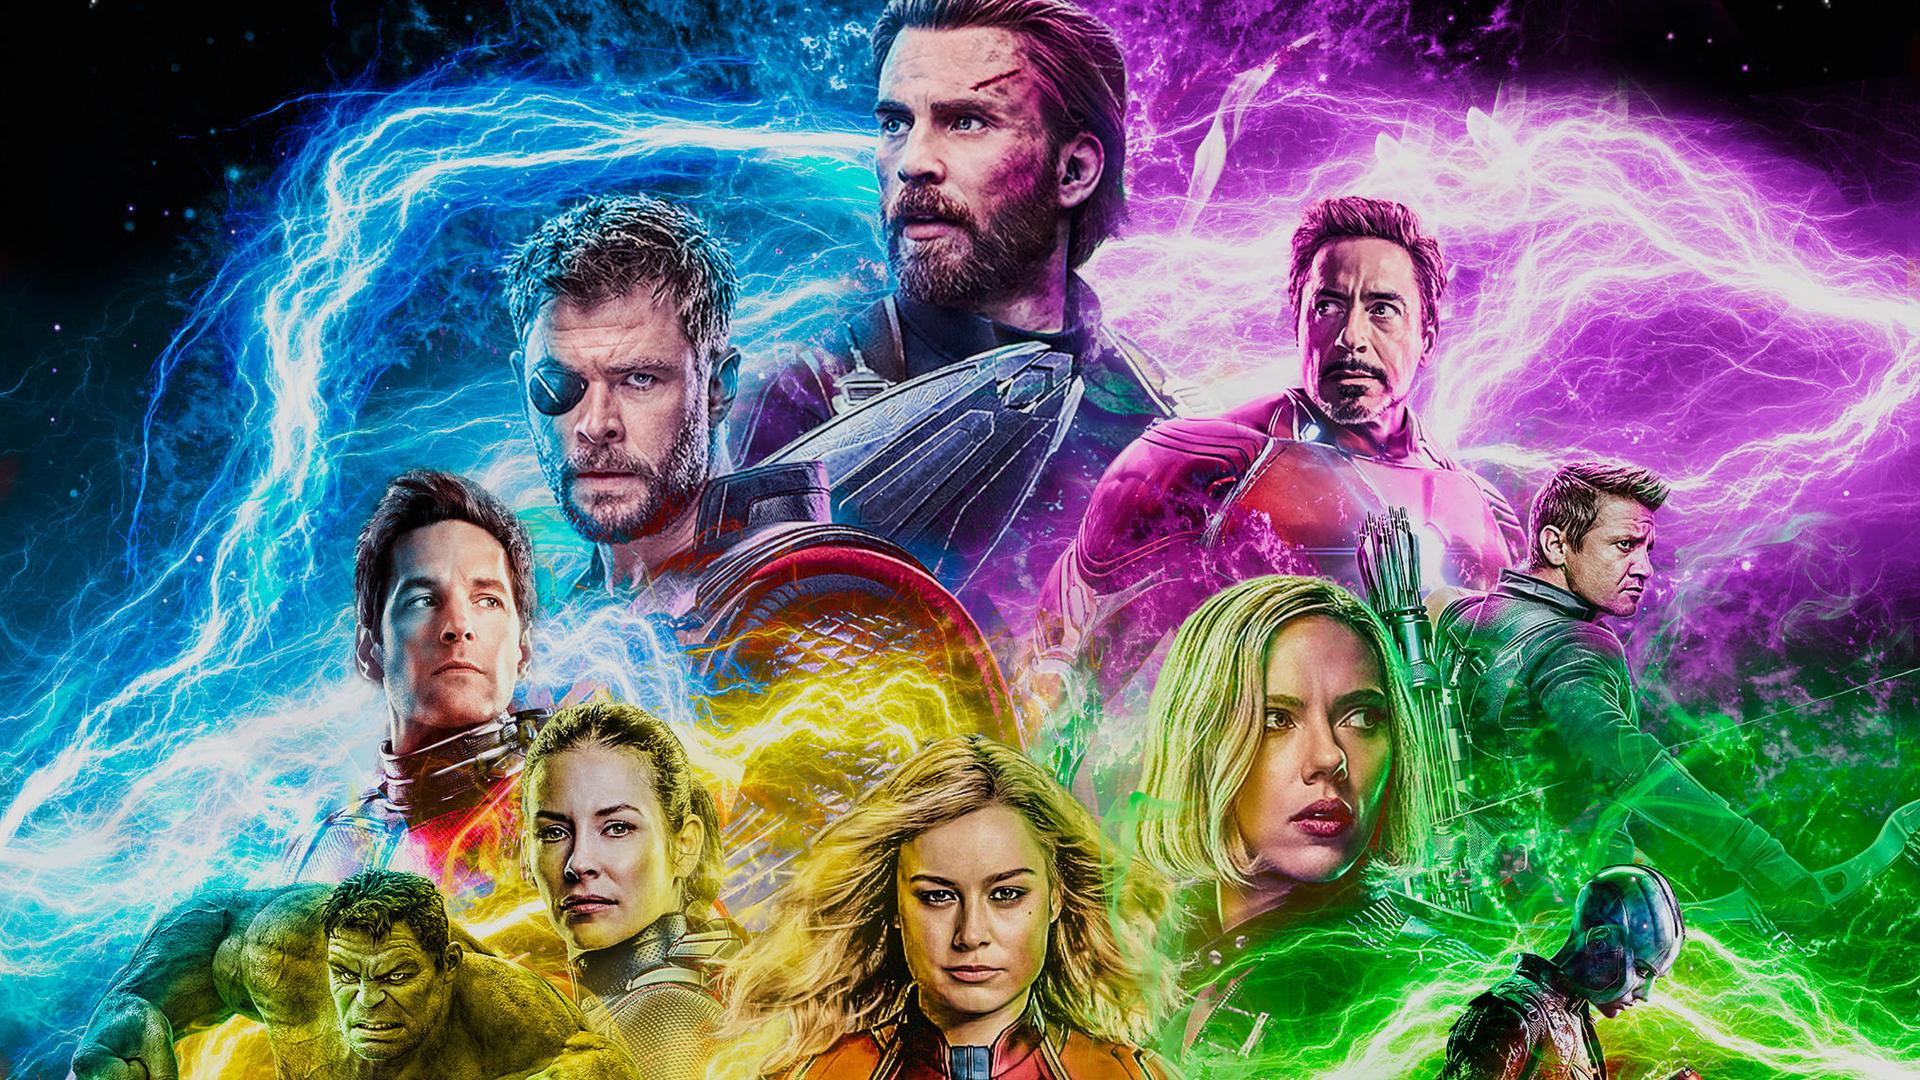 Avengers Endgame Wallpaper For Mobile Hd 1080p